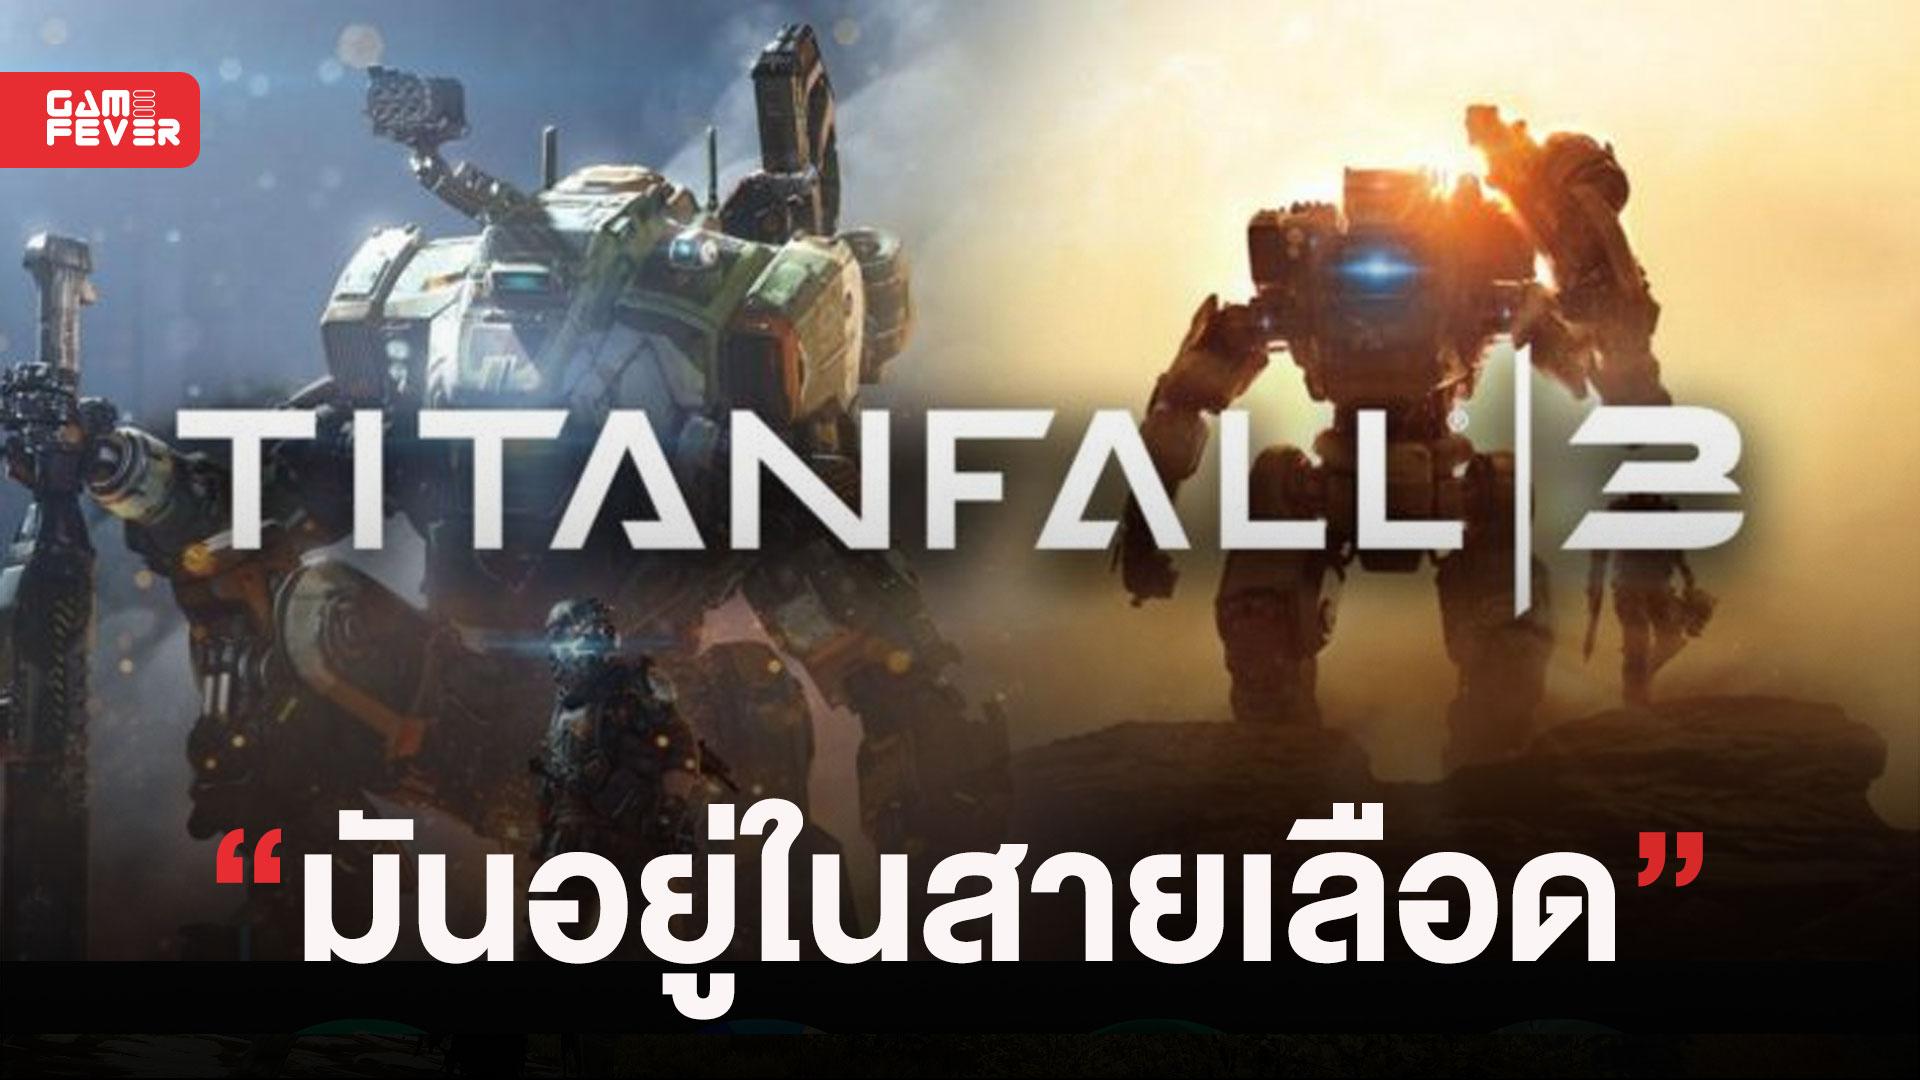 ทีมงาน Respawn กล่าวว่า Titanfall มันอยู่ใน